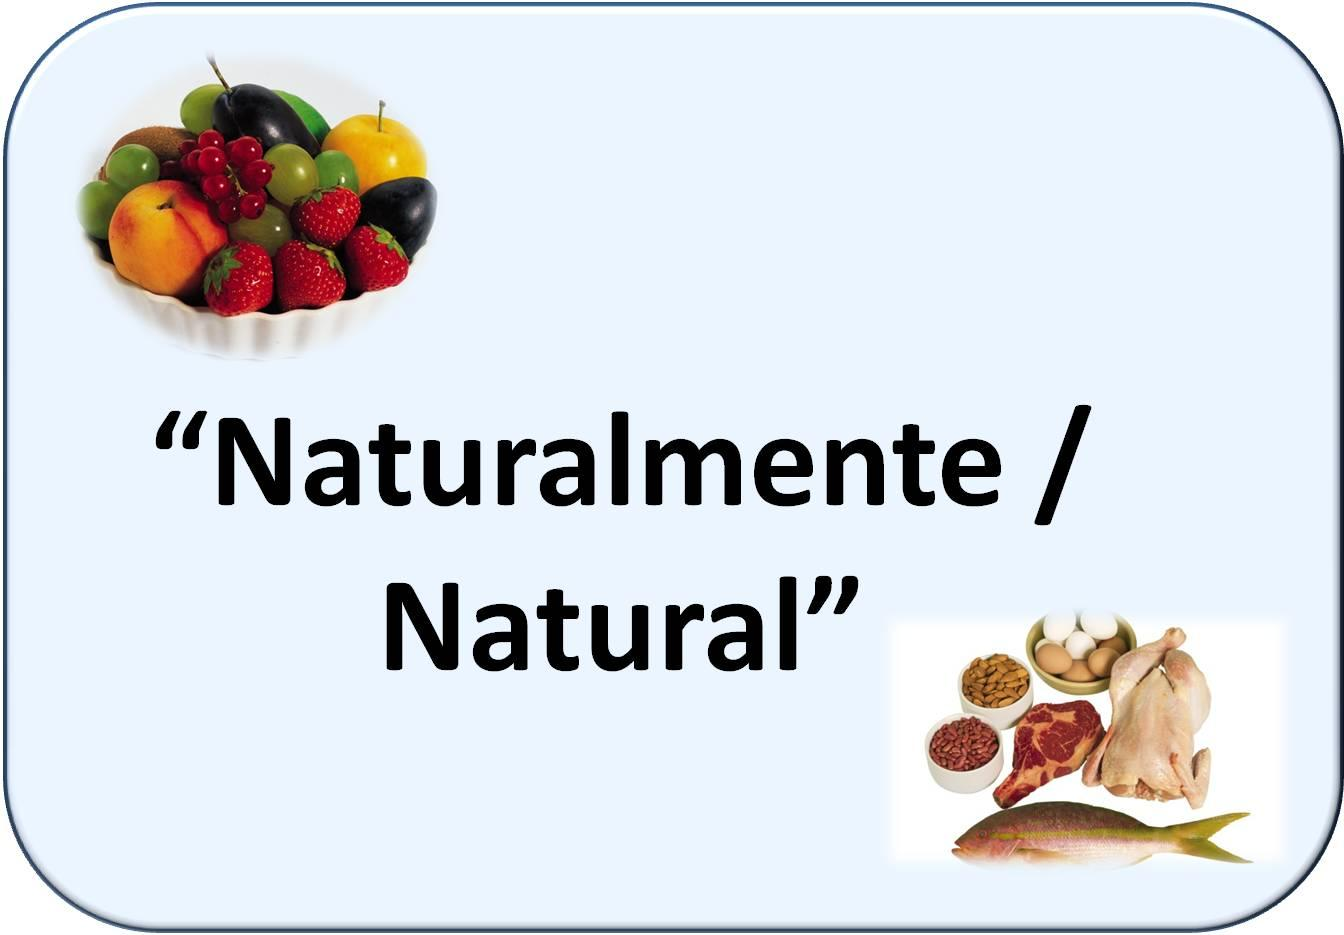 Simbología de natural: frutas y diversos alimentos